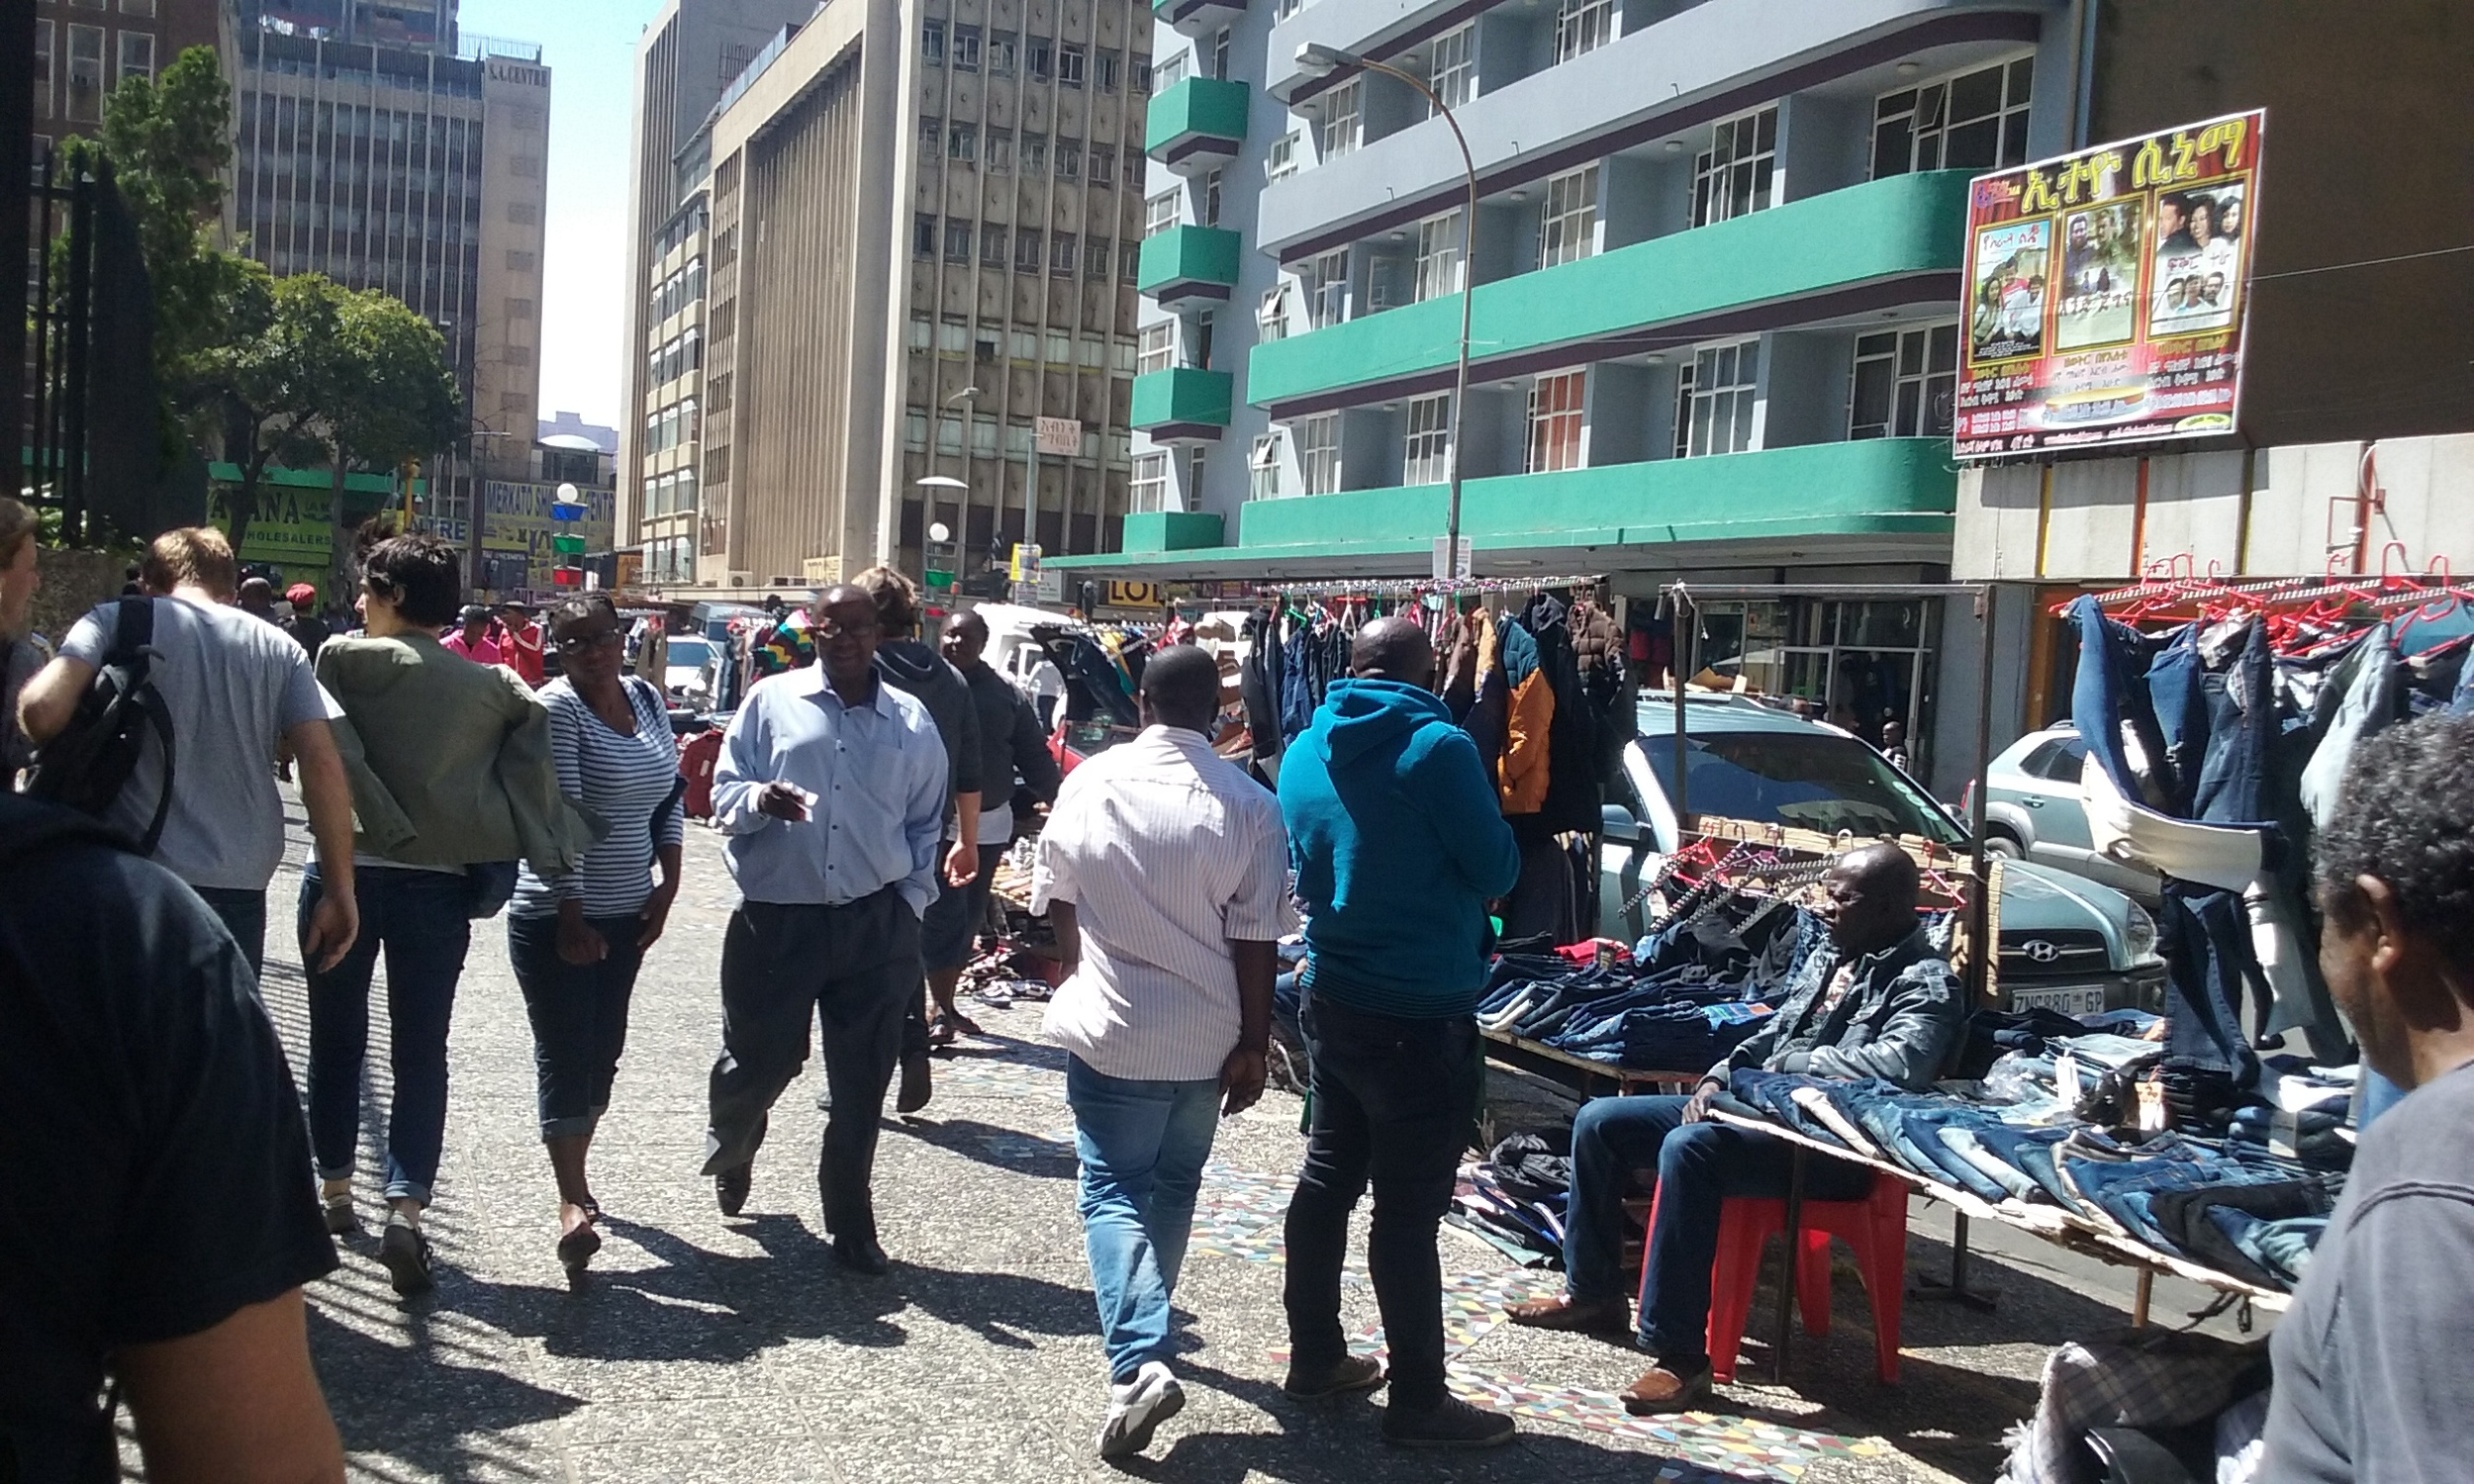 Região central de Johannesburgo com presença de inúmeros vendedores ambulantes. Foto: Francisco Comaru.